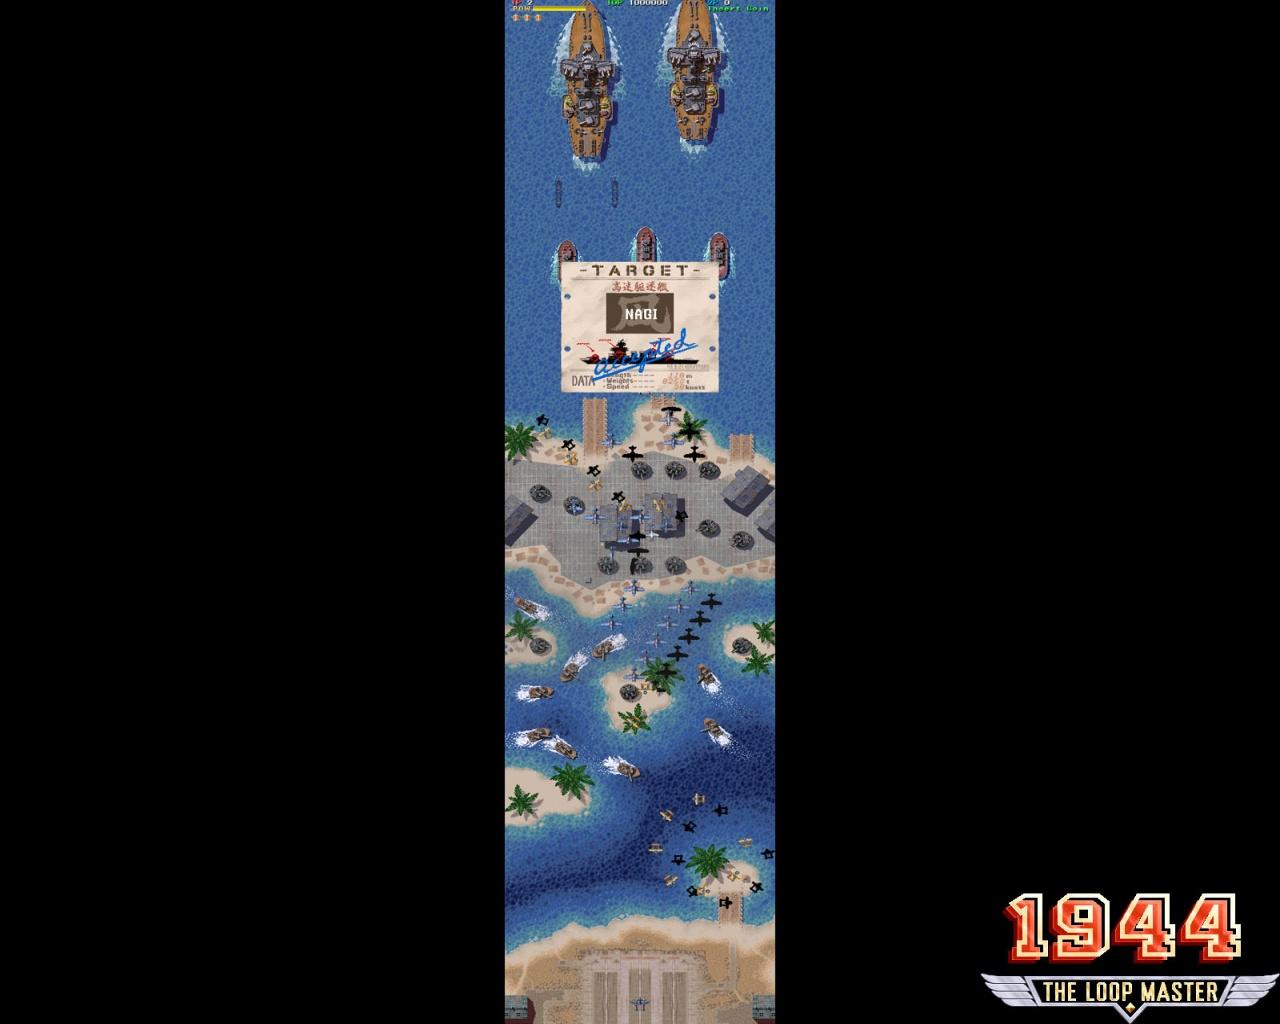 1280x1024 Retro Arcade 1944 desktop PC and Mac wallpaper 1280x1024